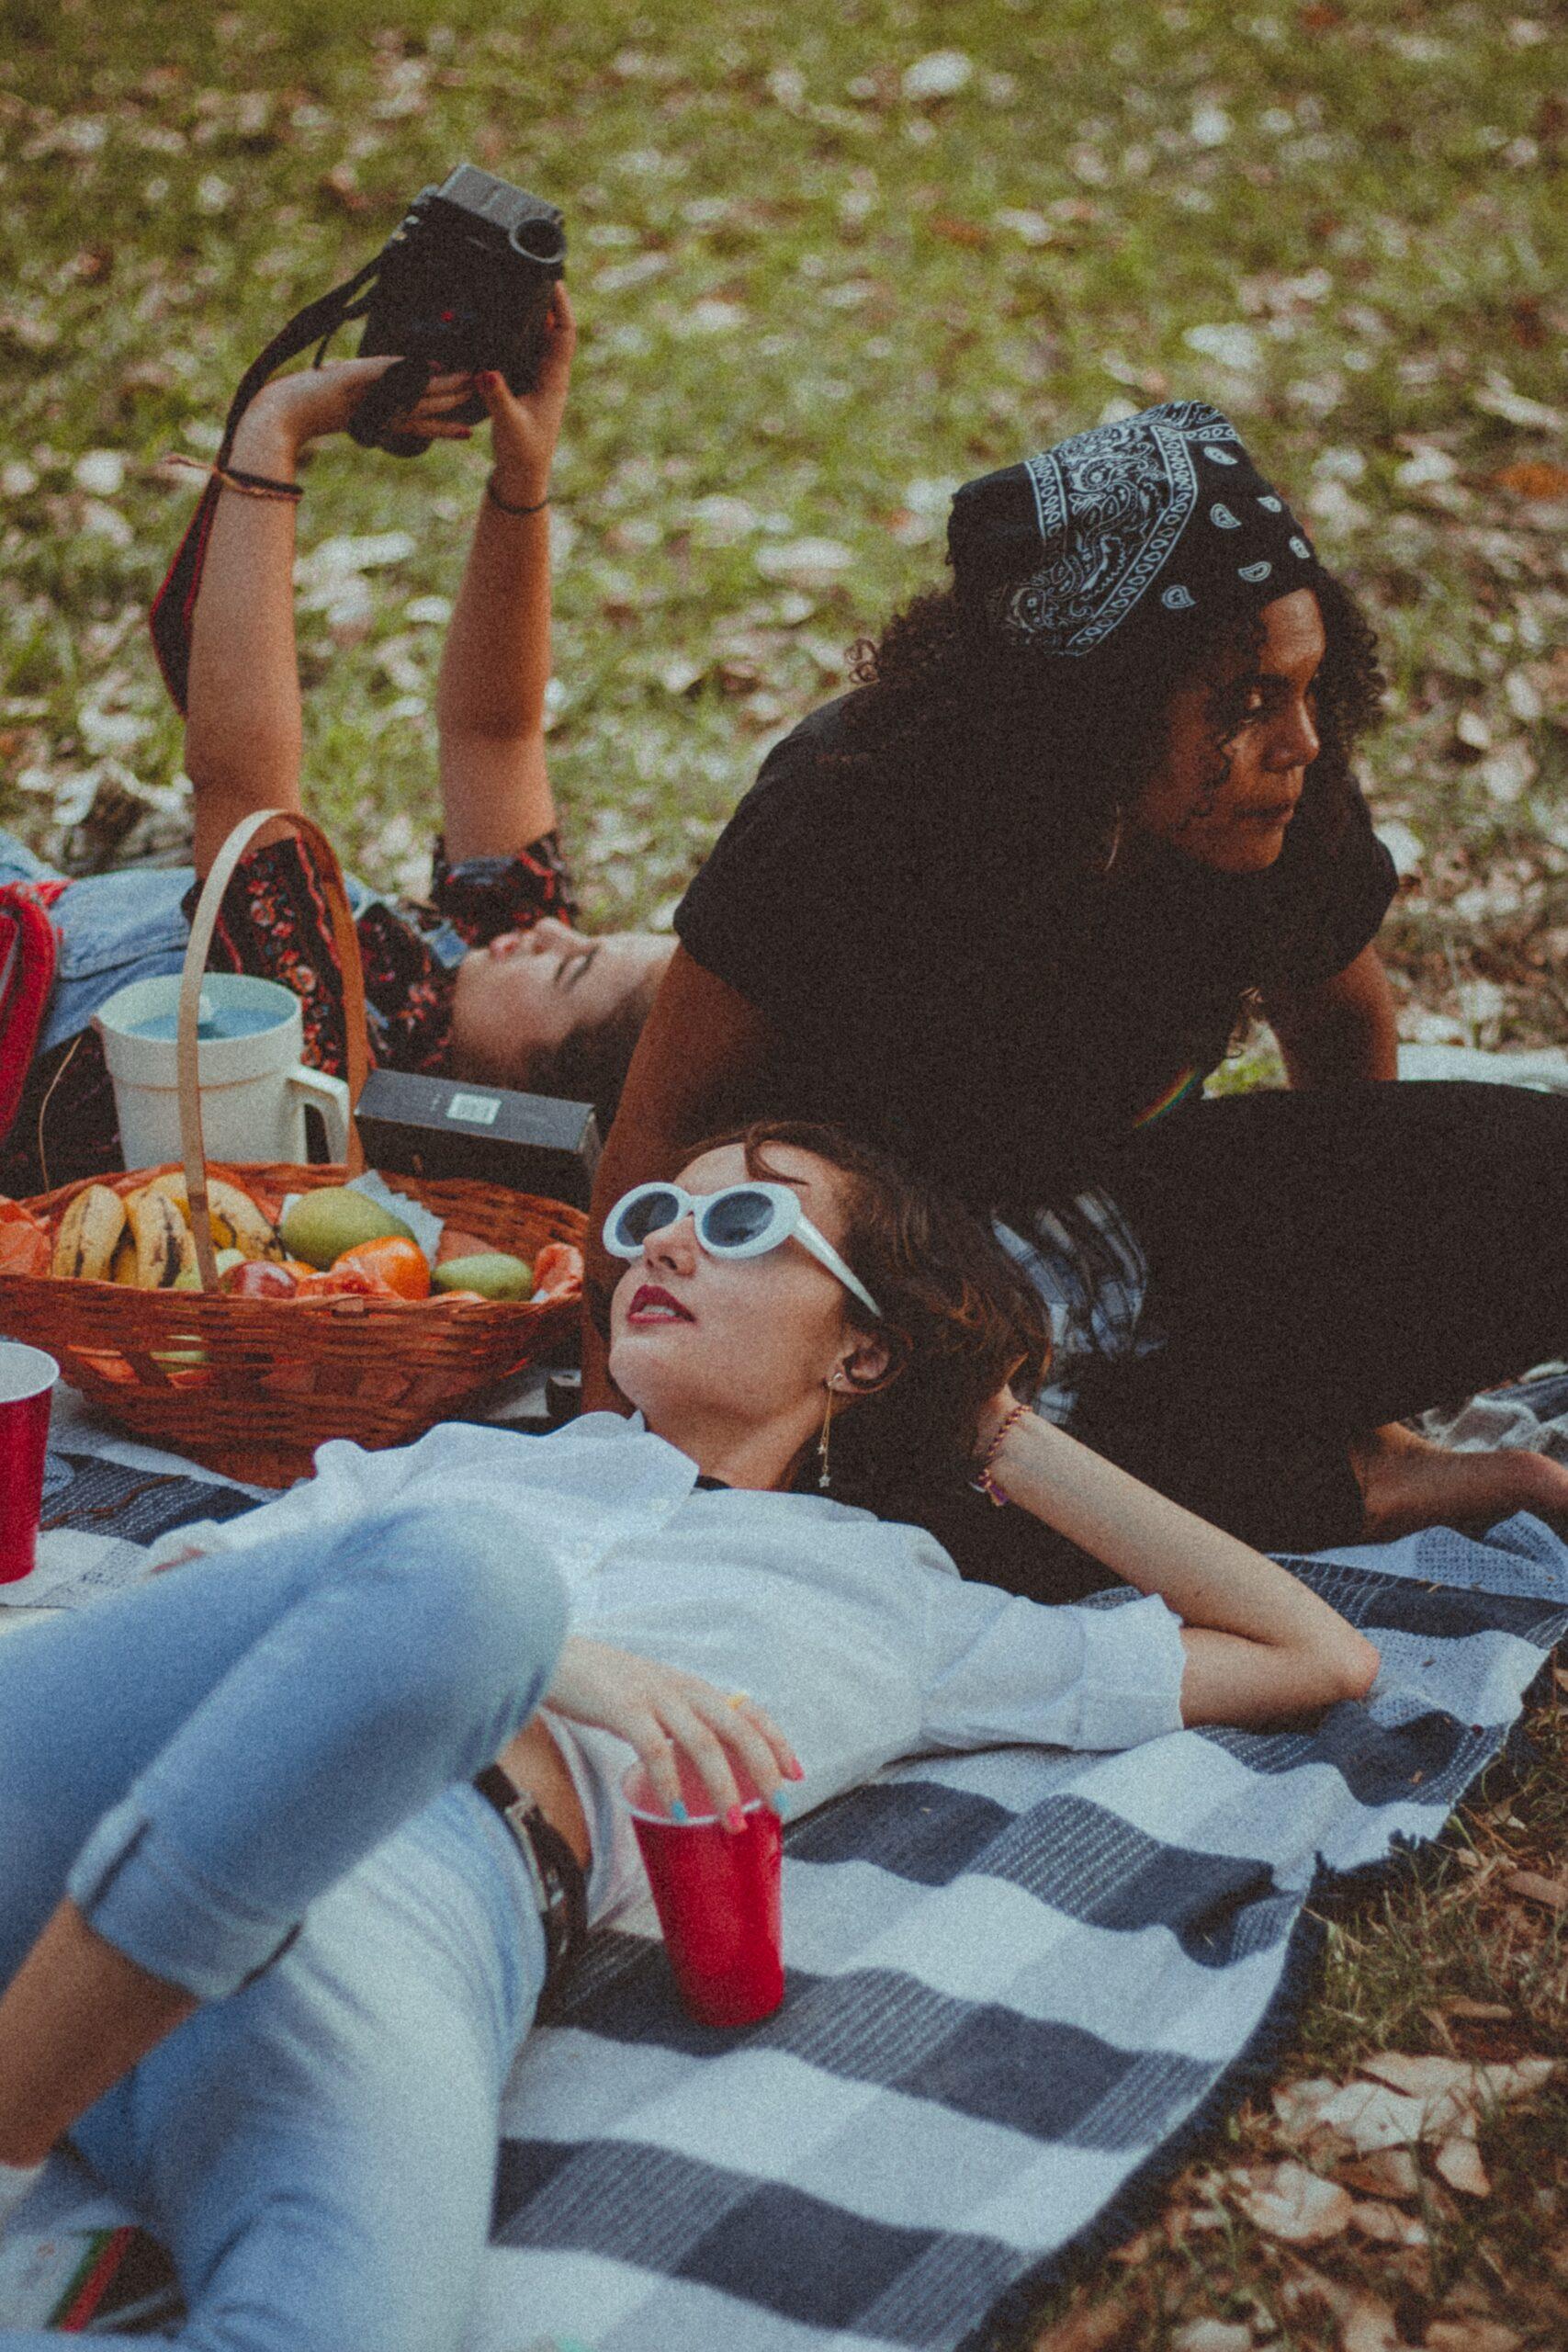 Picnic de 3 amigas con comida, en parque